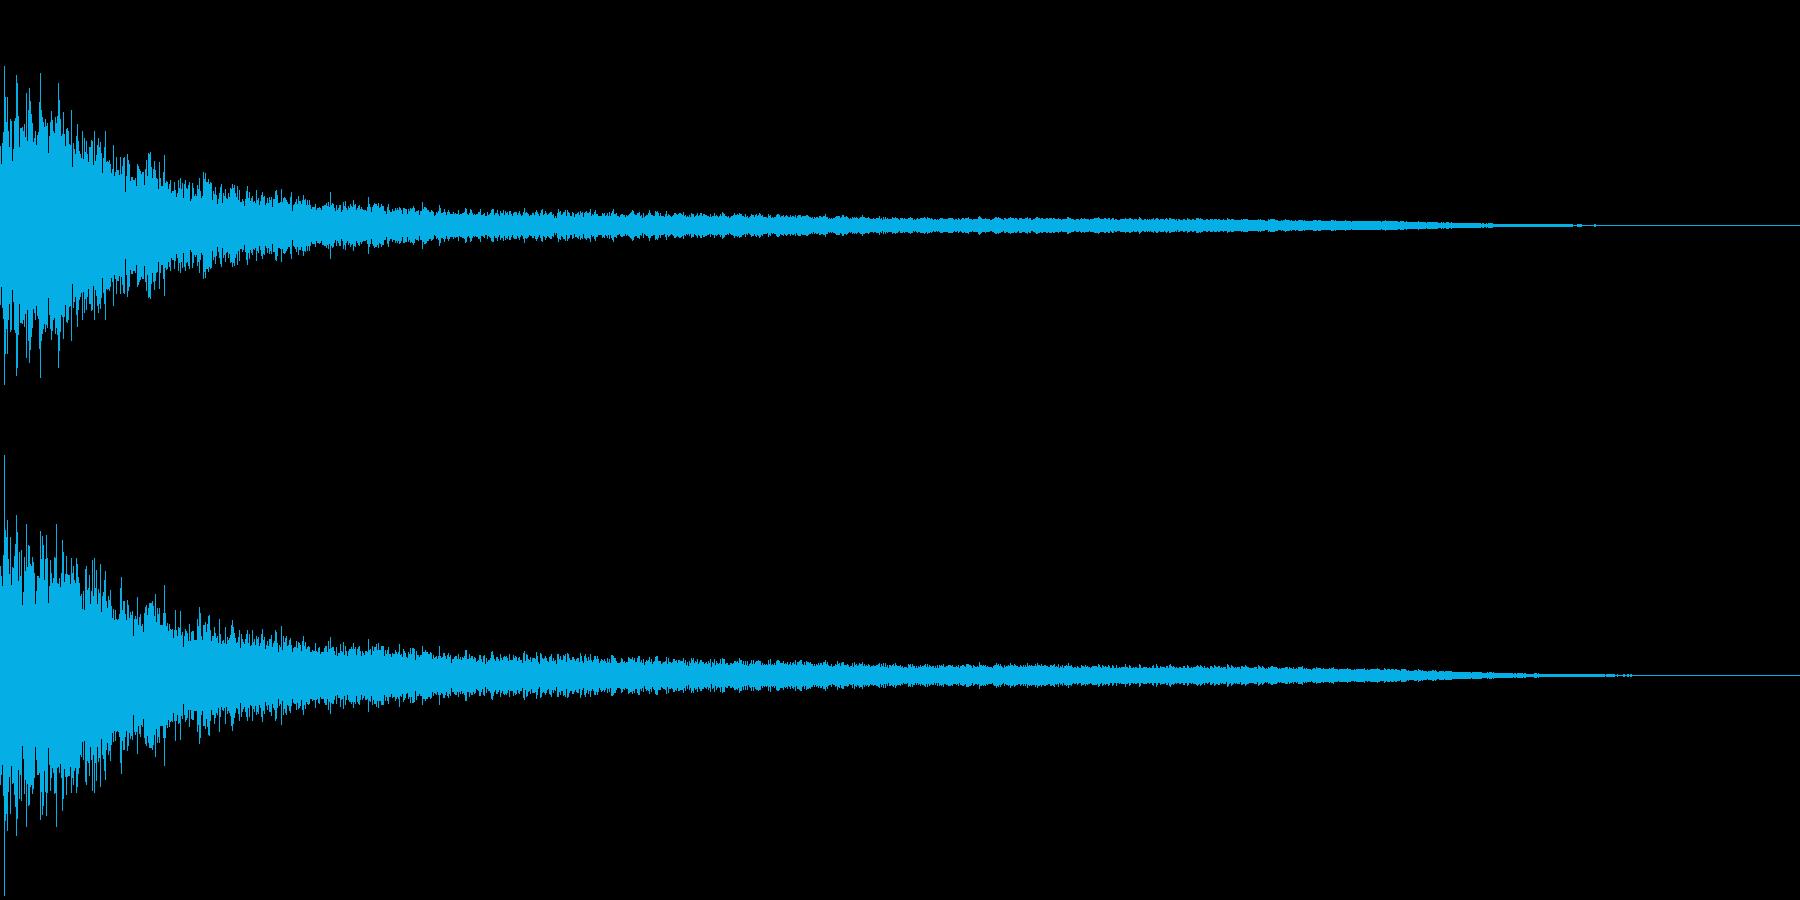 ジャーン(銅鑼の音):中国のイメージの再生済みの波形